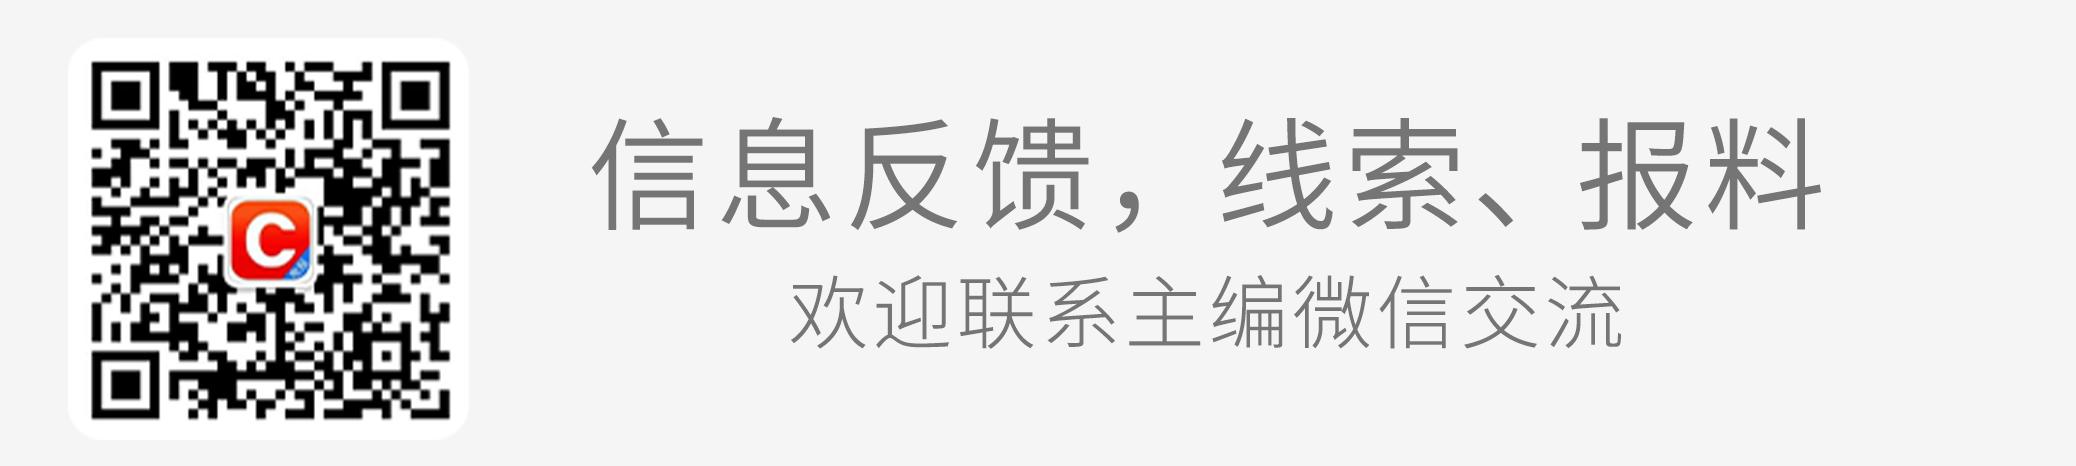 财联社保险周报(7月13日)